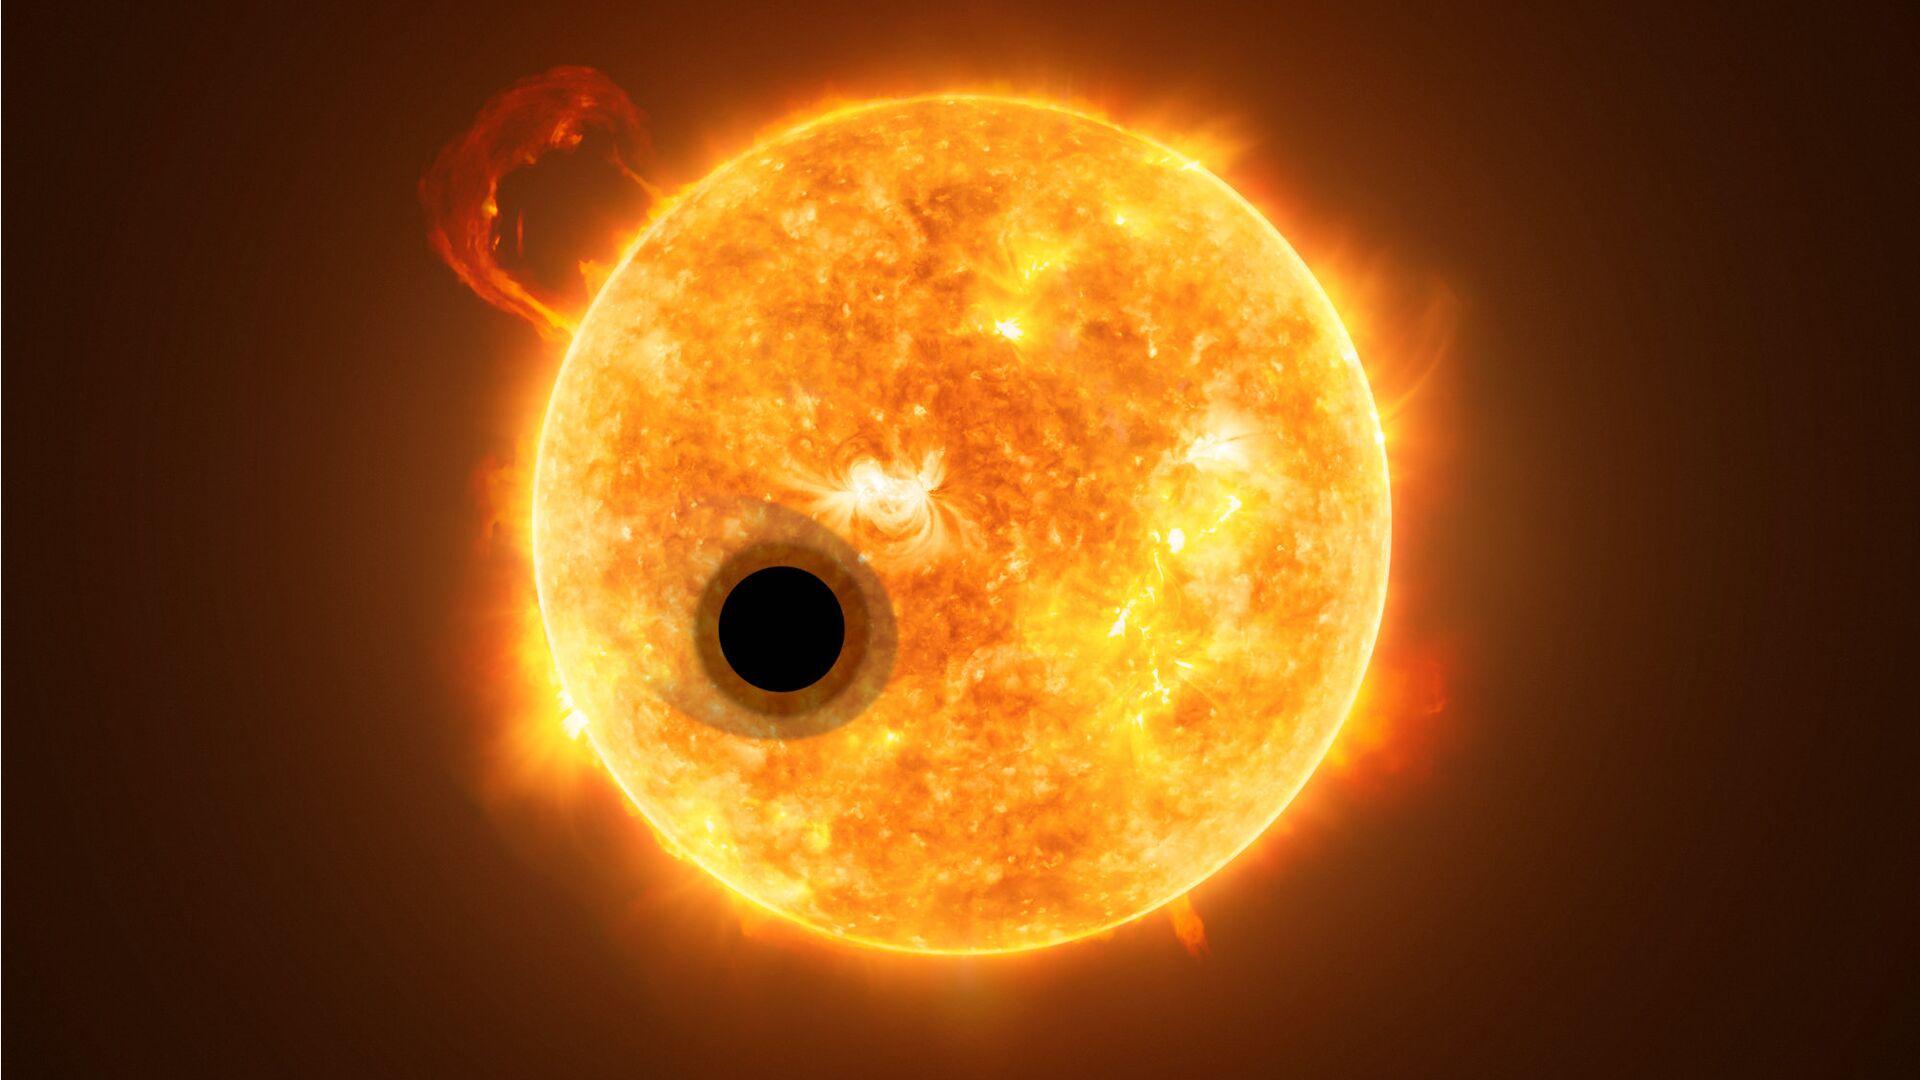 Планета WASP-107b на фоне материнской звезды - РИА Новости, 1920, 18.01.2021